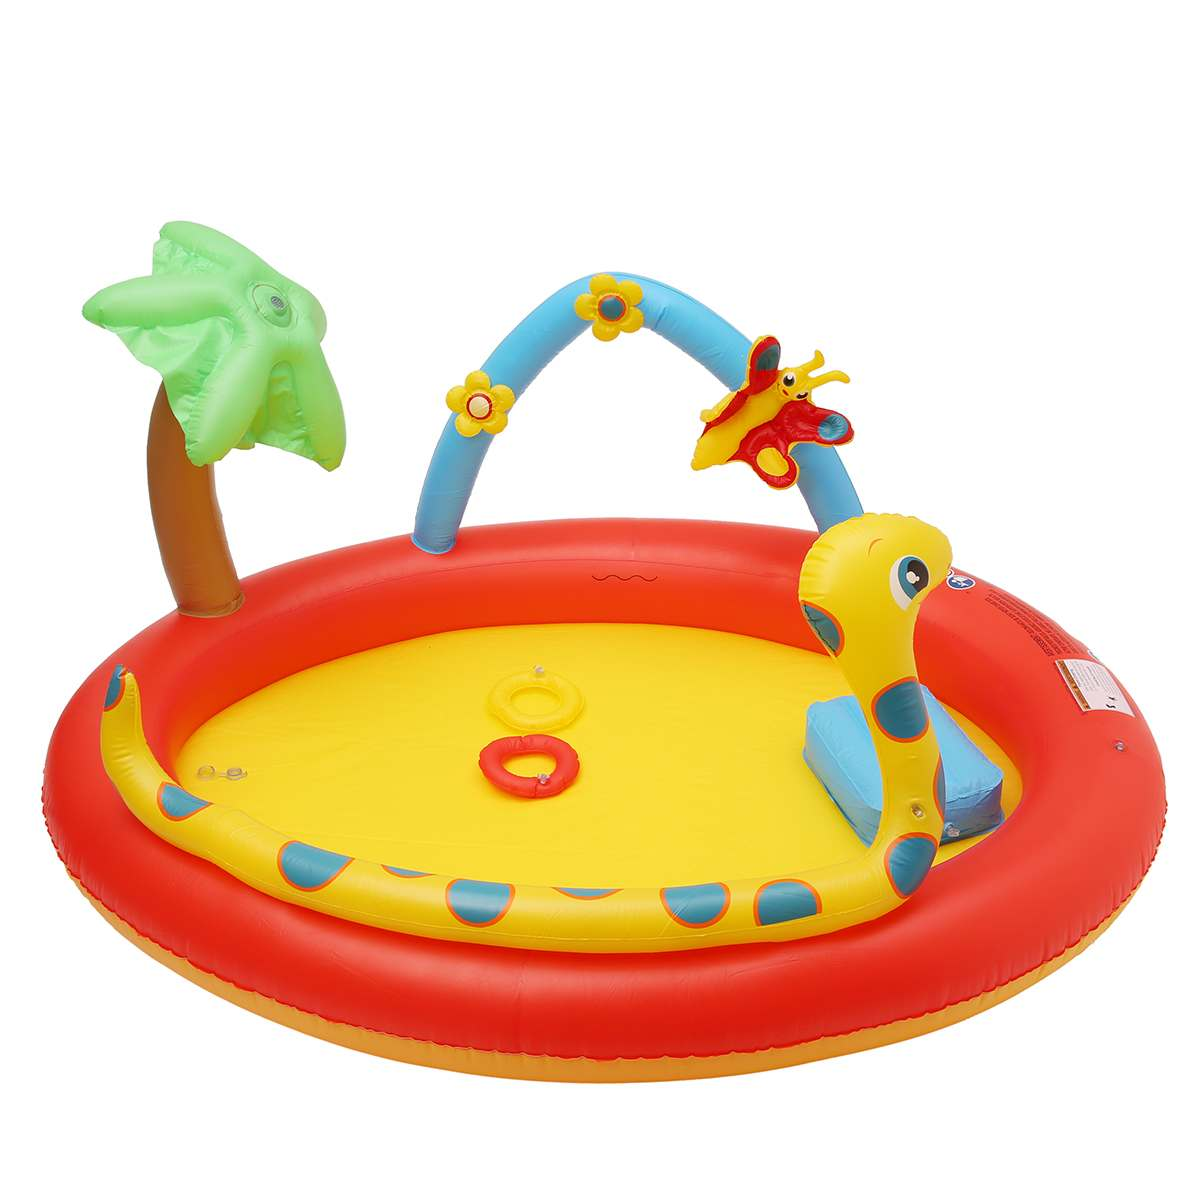 Piscine gonflable enfants enfants en plein air eau sûre jouer bébé infantile gonflable mignon Animal bain piscine enfant en bas âge jeu jouet